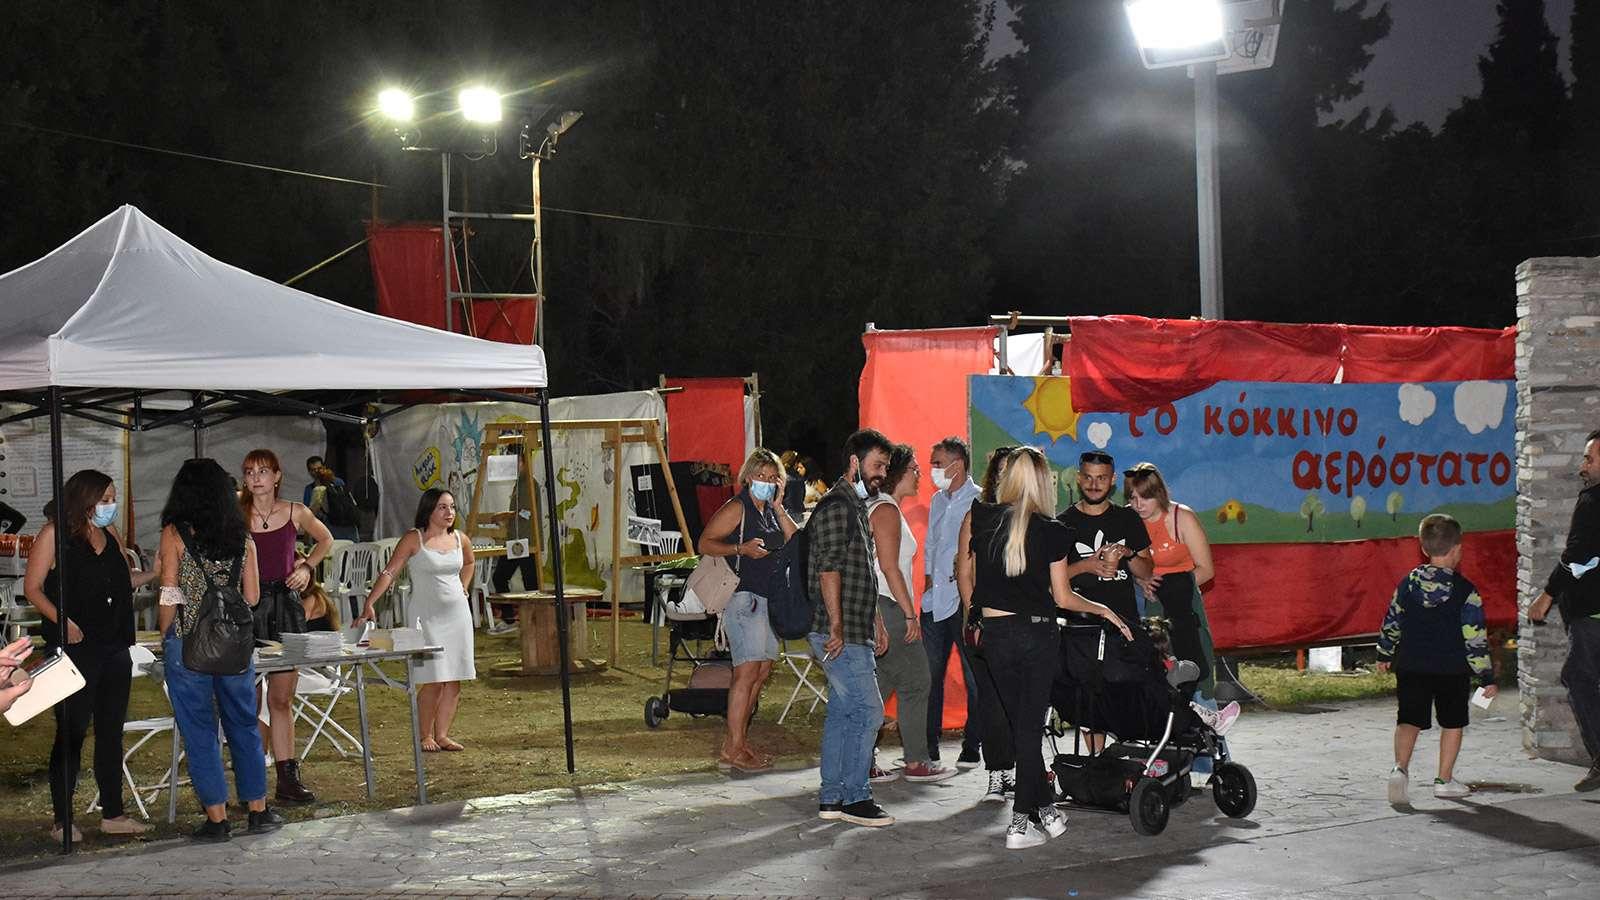 47ο Φεστιβάλ ΚΝΕ ΟΔΗΓΗΤΗ Θεσσαλονίκη thessaloniki festival Κόκκινο Αερόστατο